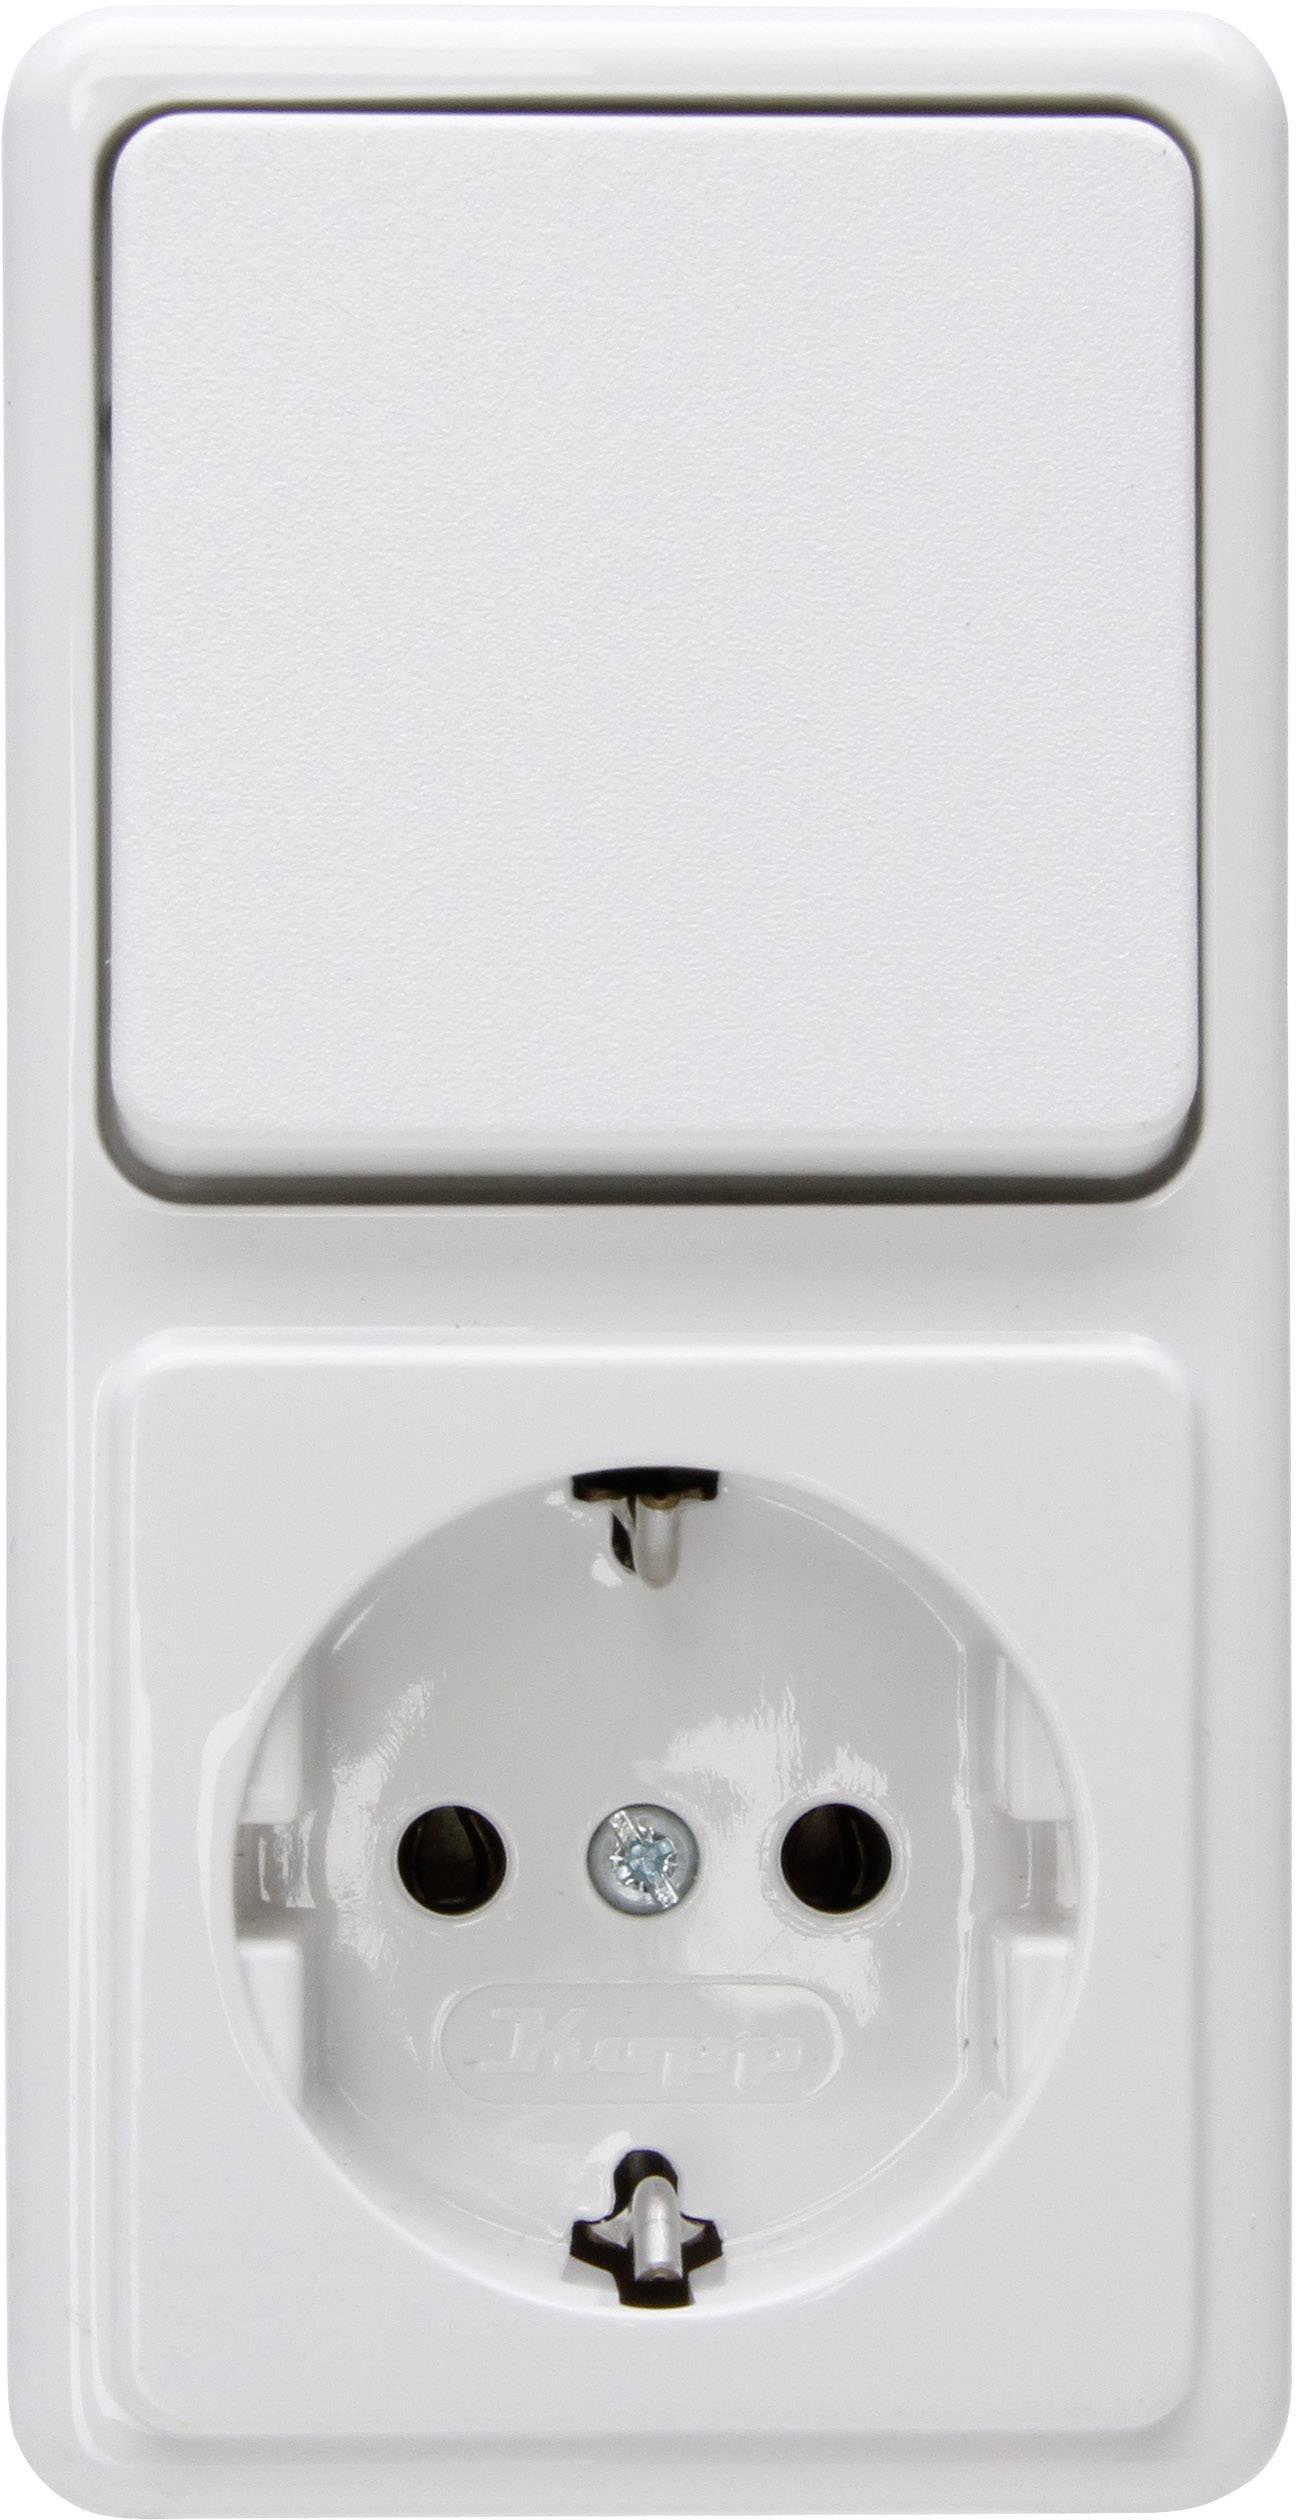 Geliefde Schakel-/stopcontact combinatie Kopp 108802007 Opbouw-standaard MB21